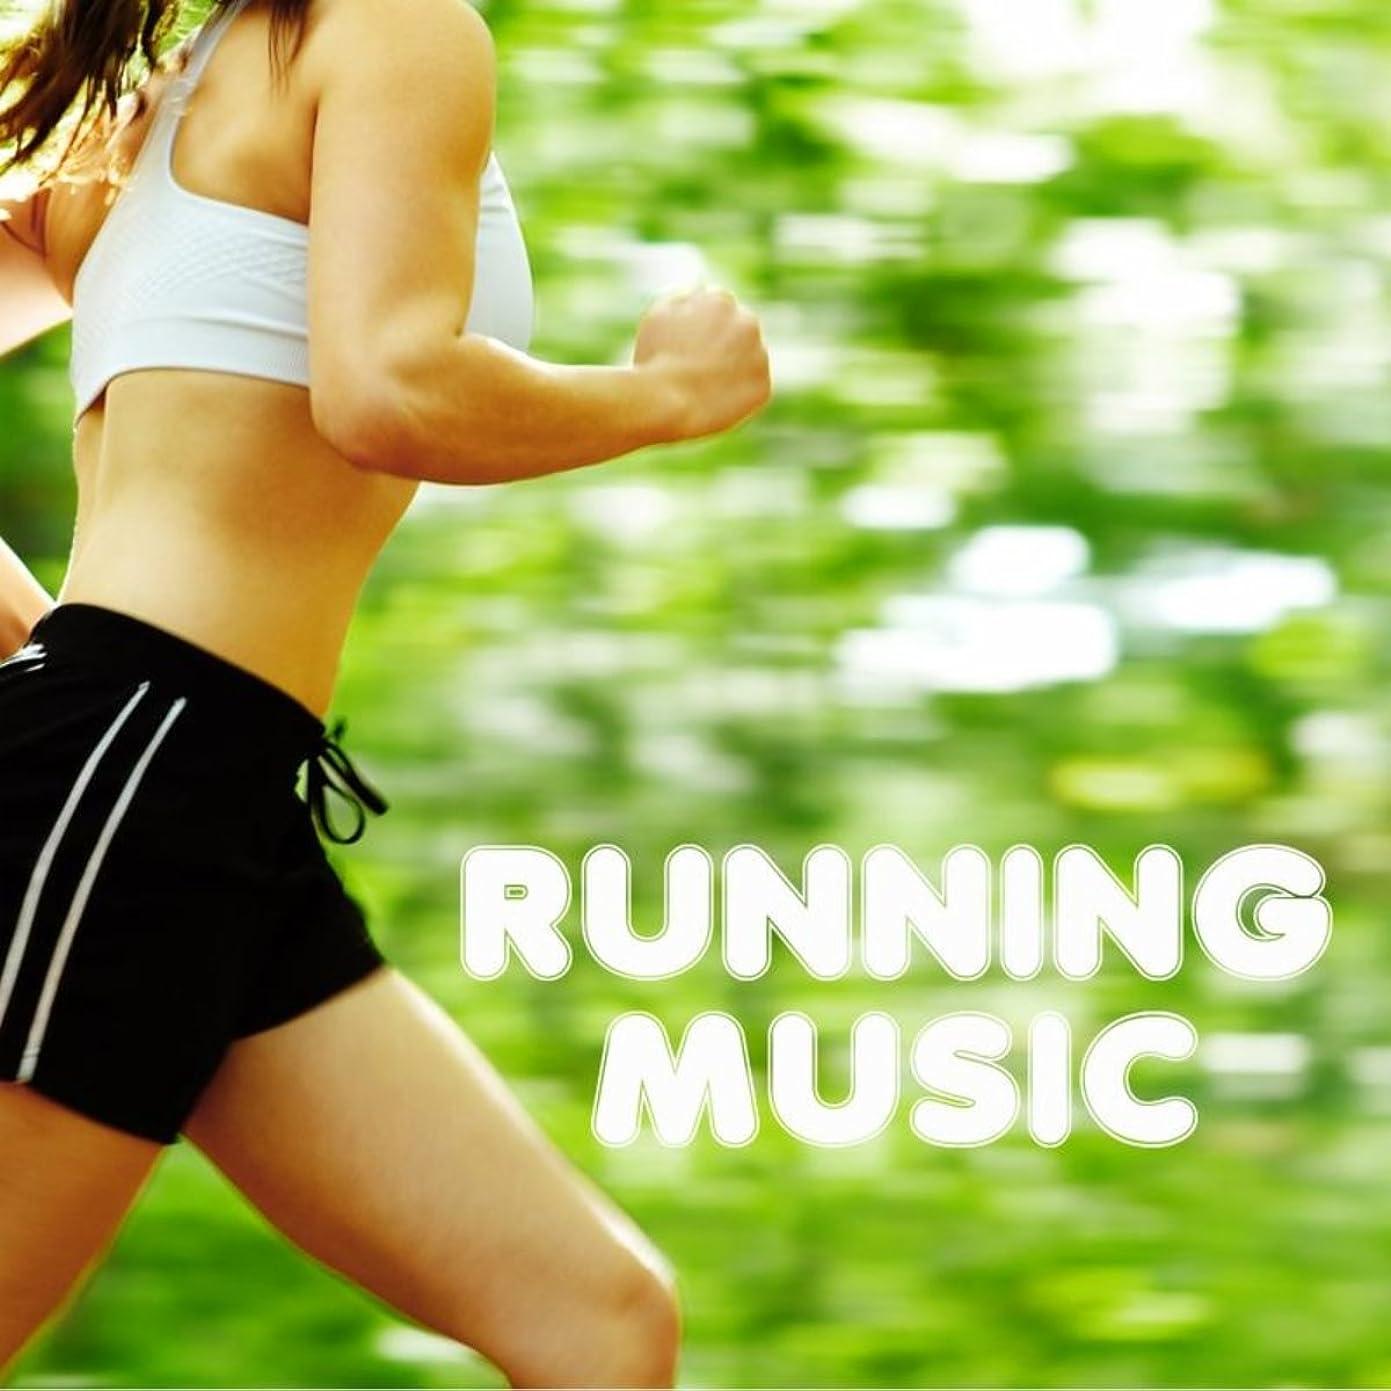 仲間種あるRunning Music - Jogging and Fitness Music - Best Music Playlist for Exercise, Workout, Aerobics, Walking, Fitness, Cardio & Weight Loss